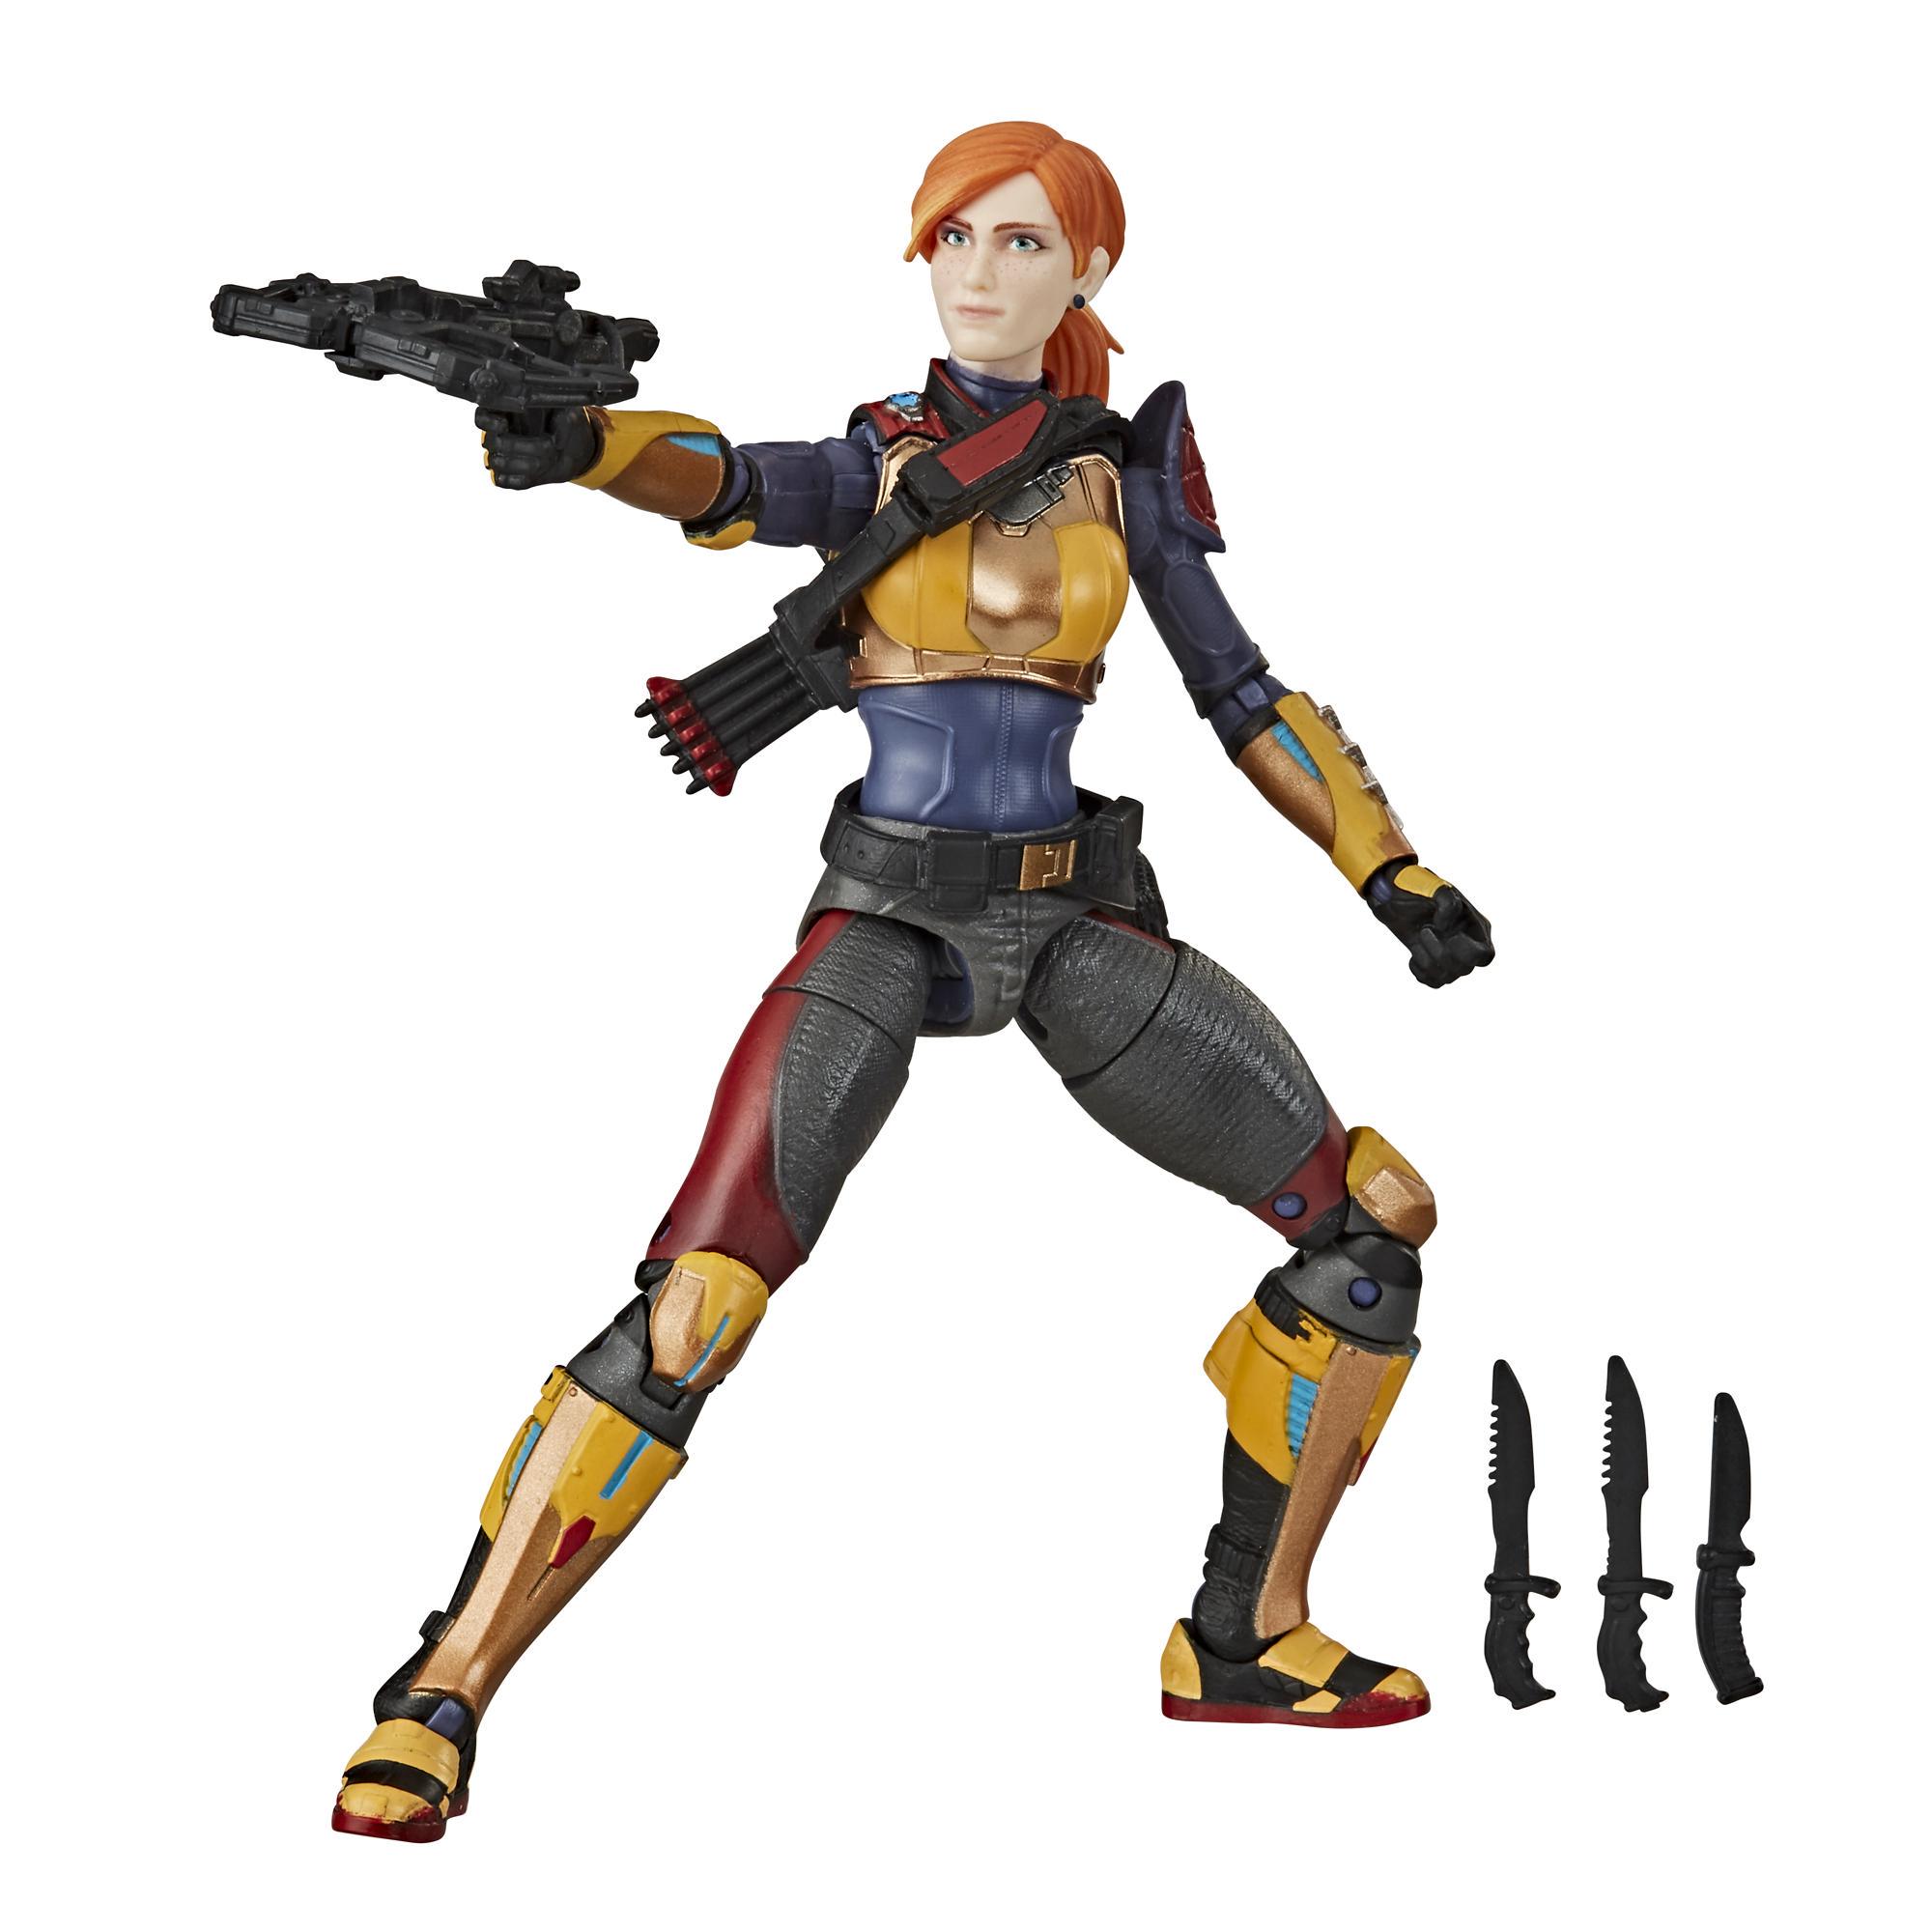 G.I. Joe Classified Series, figurine Scarlett 05 premium à collectionner de 15 cm, accessoires multiples